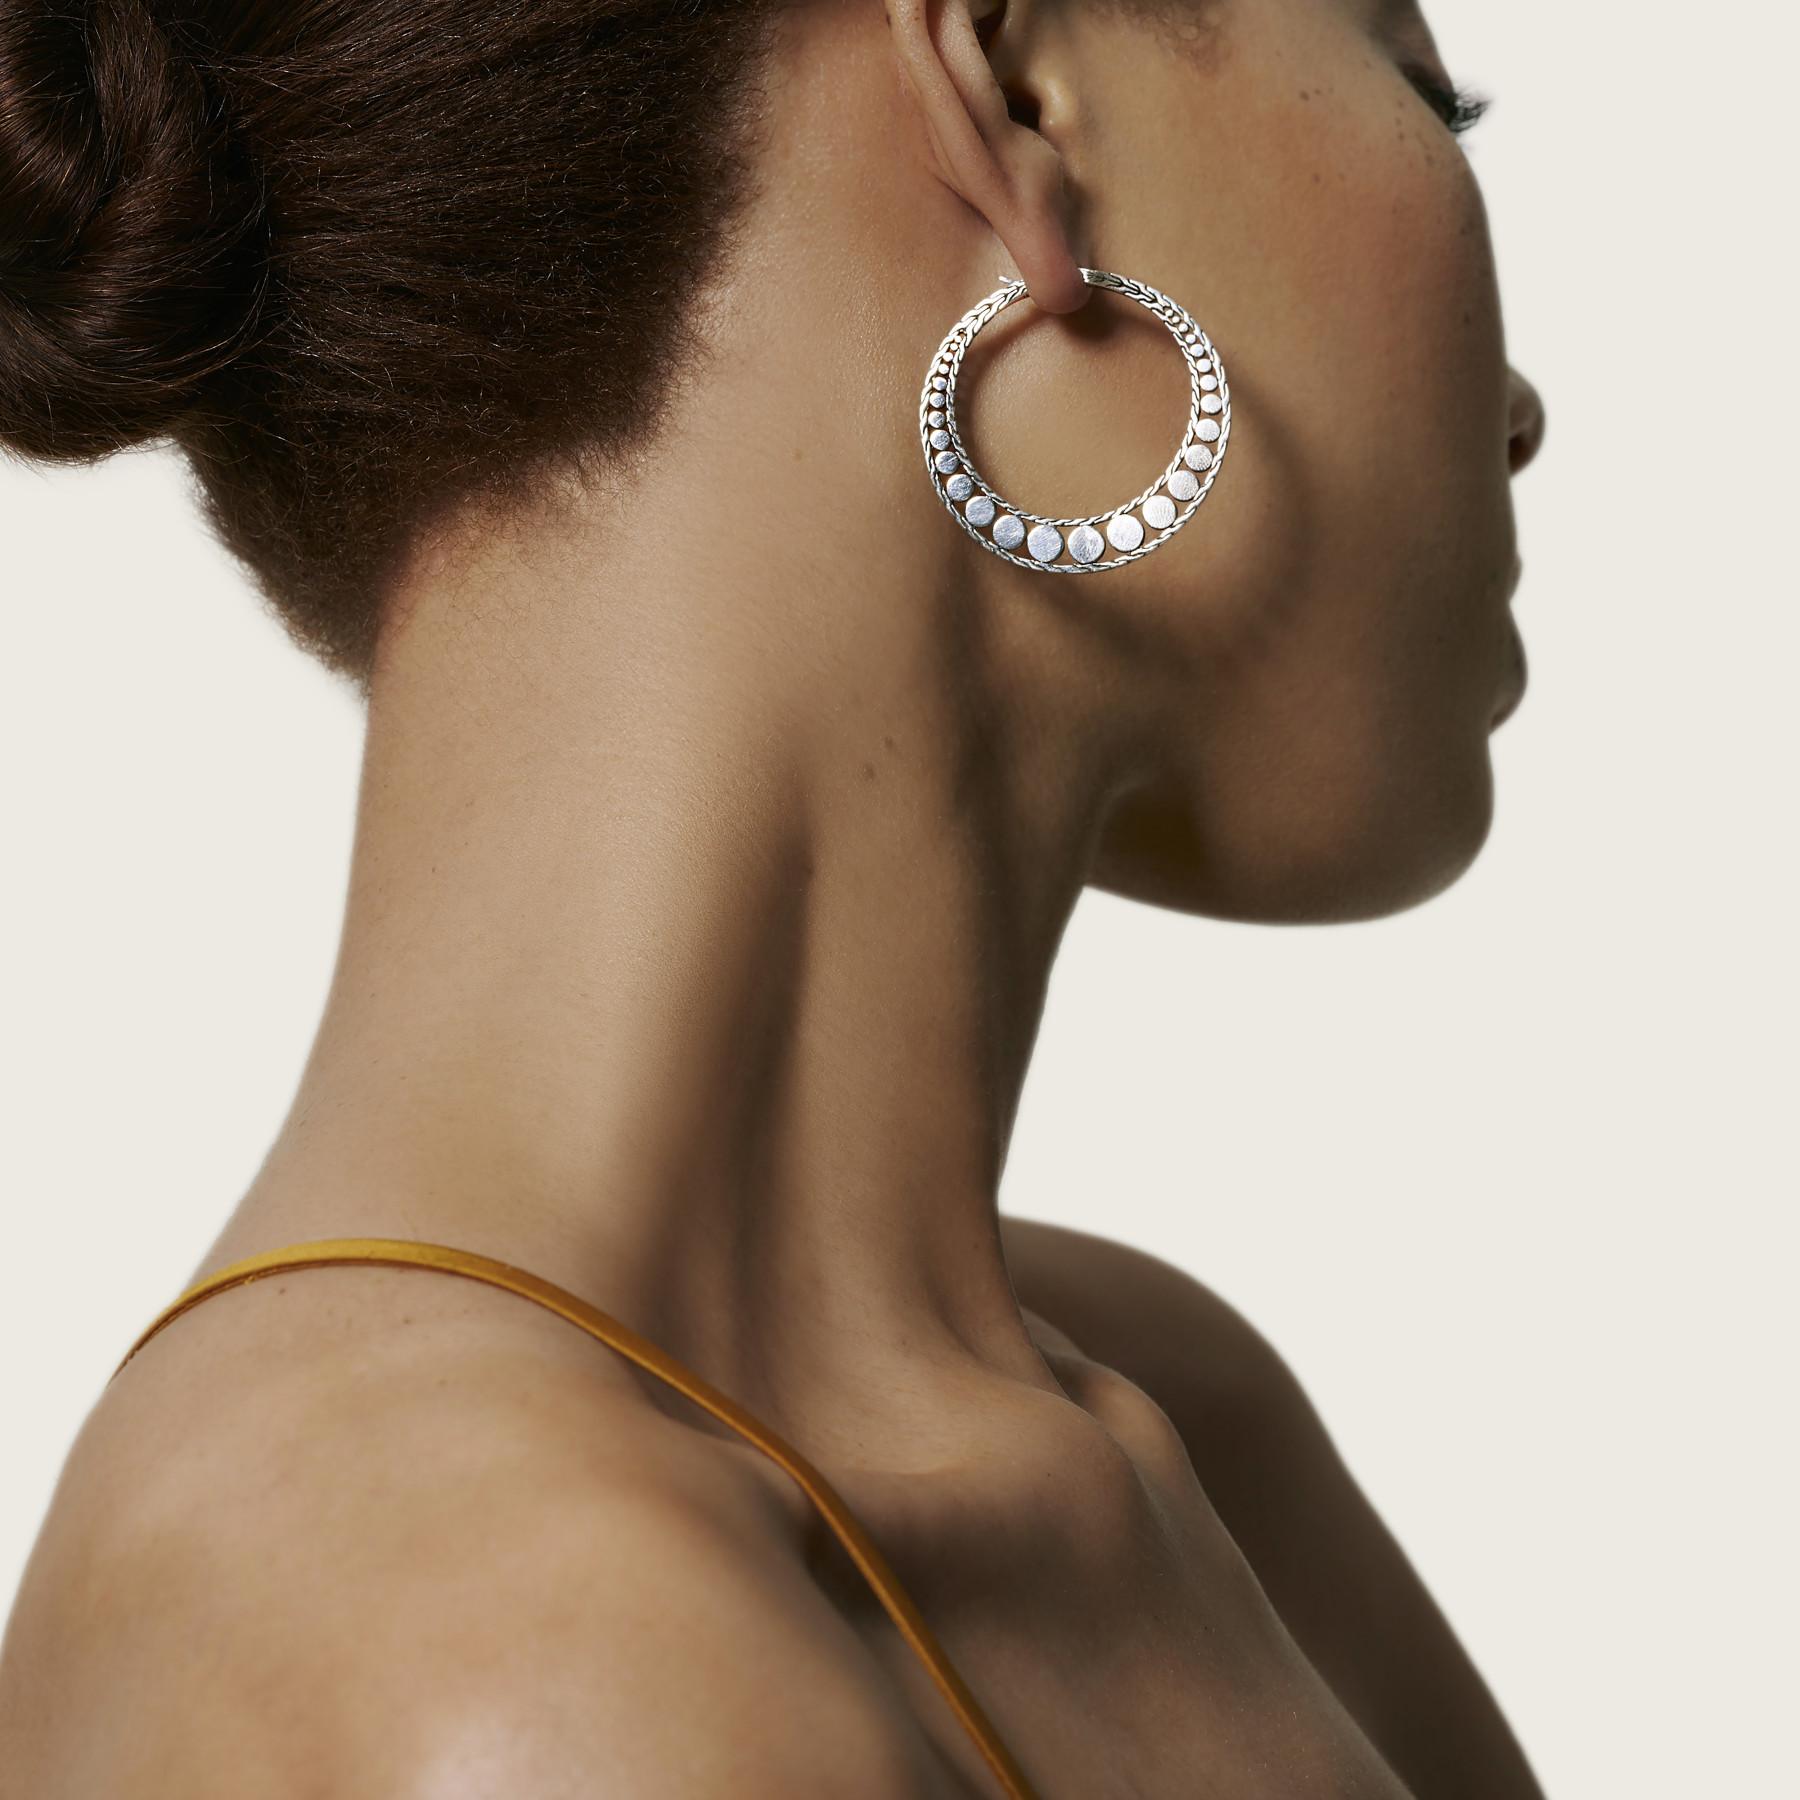 John Hardy Dot Silver Hoop Earrings - 34mm on model